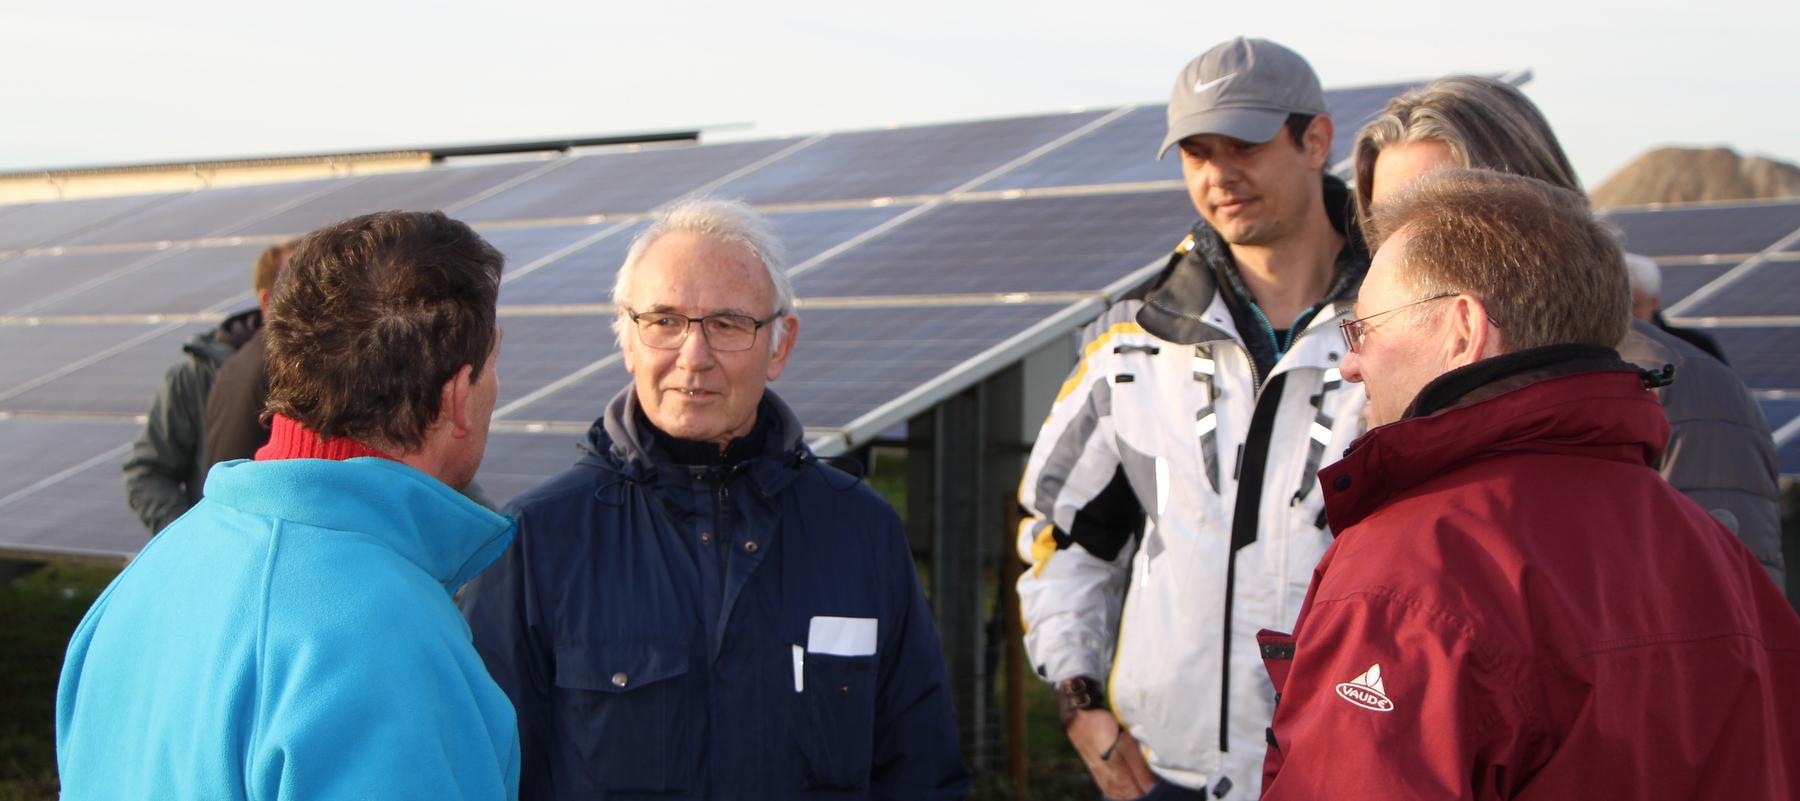 Kommunale Energiebeauftragten des Landkreises Weilheim-Schongau besichtigen PV-Freiflächenpark Wielenbach